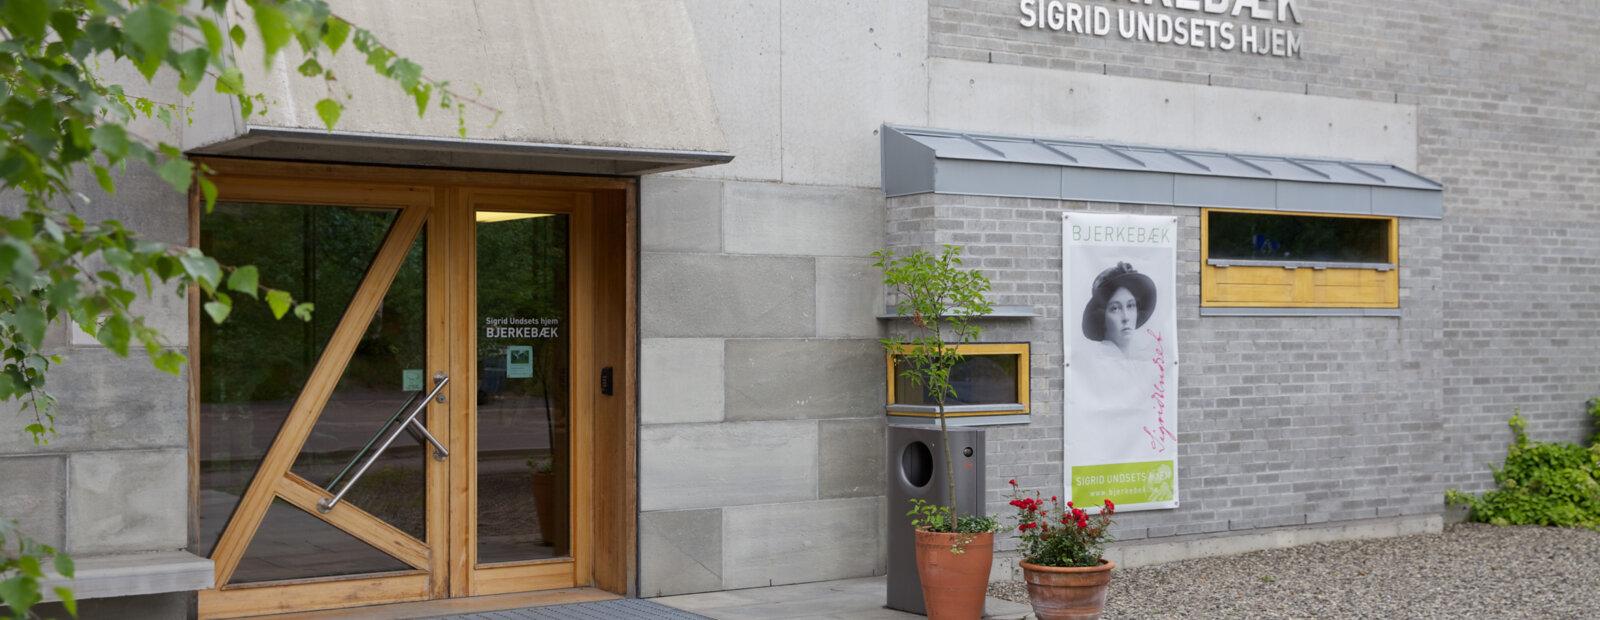 Hovedinngangen til publikumsbygget på Sigrid Undsets hjem Bjerkebæk.